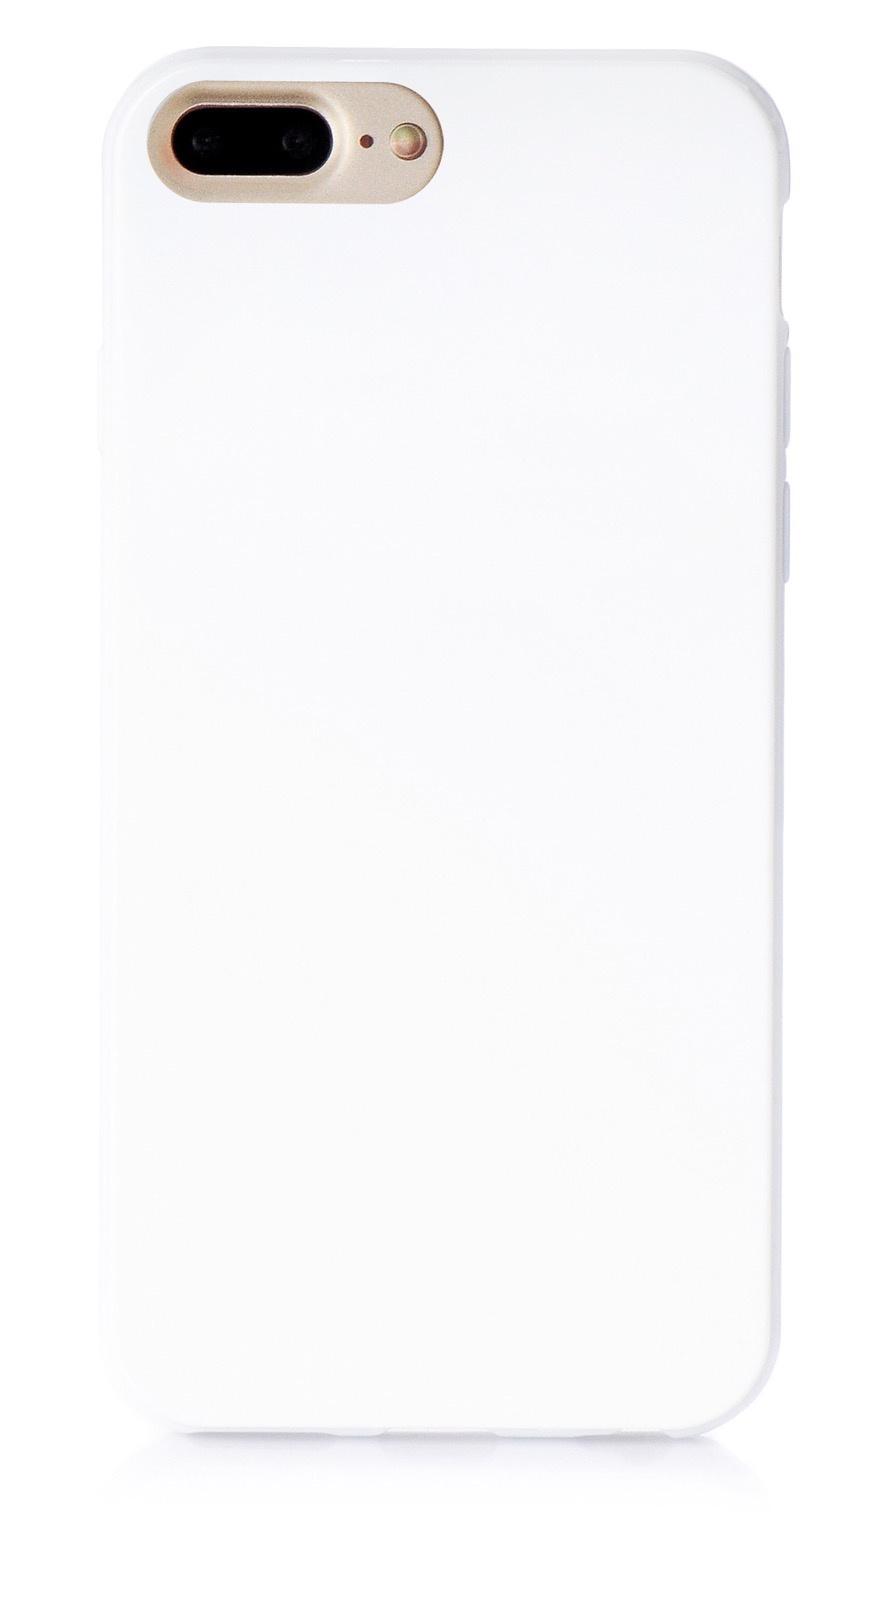 """Чехол для сотового телефона iNeez накладка силикон мыльница 900818 для Apple Iphone 7 Plus/8 Plus 5.5"""", белый"""